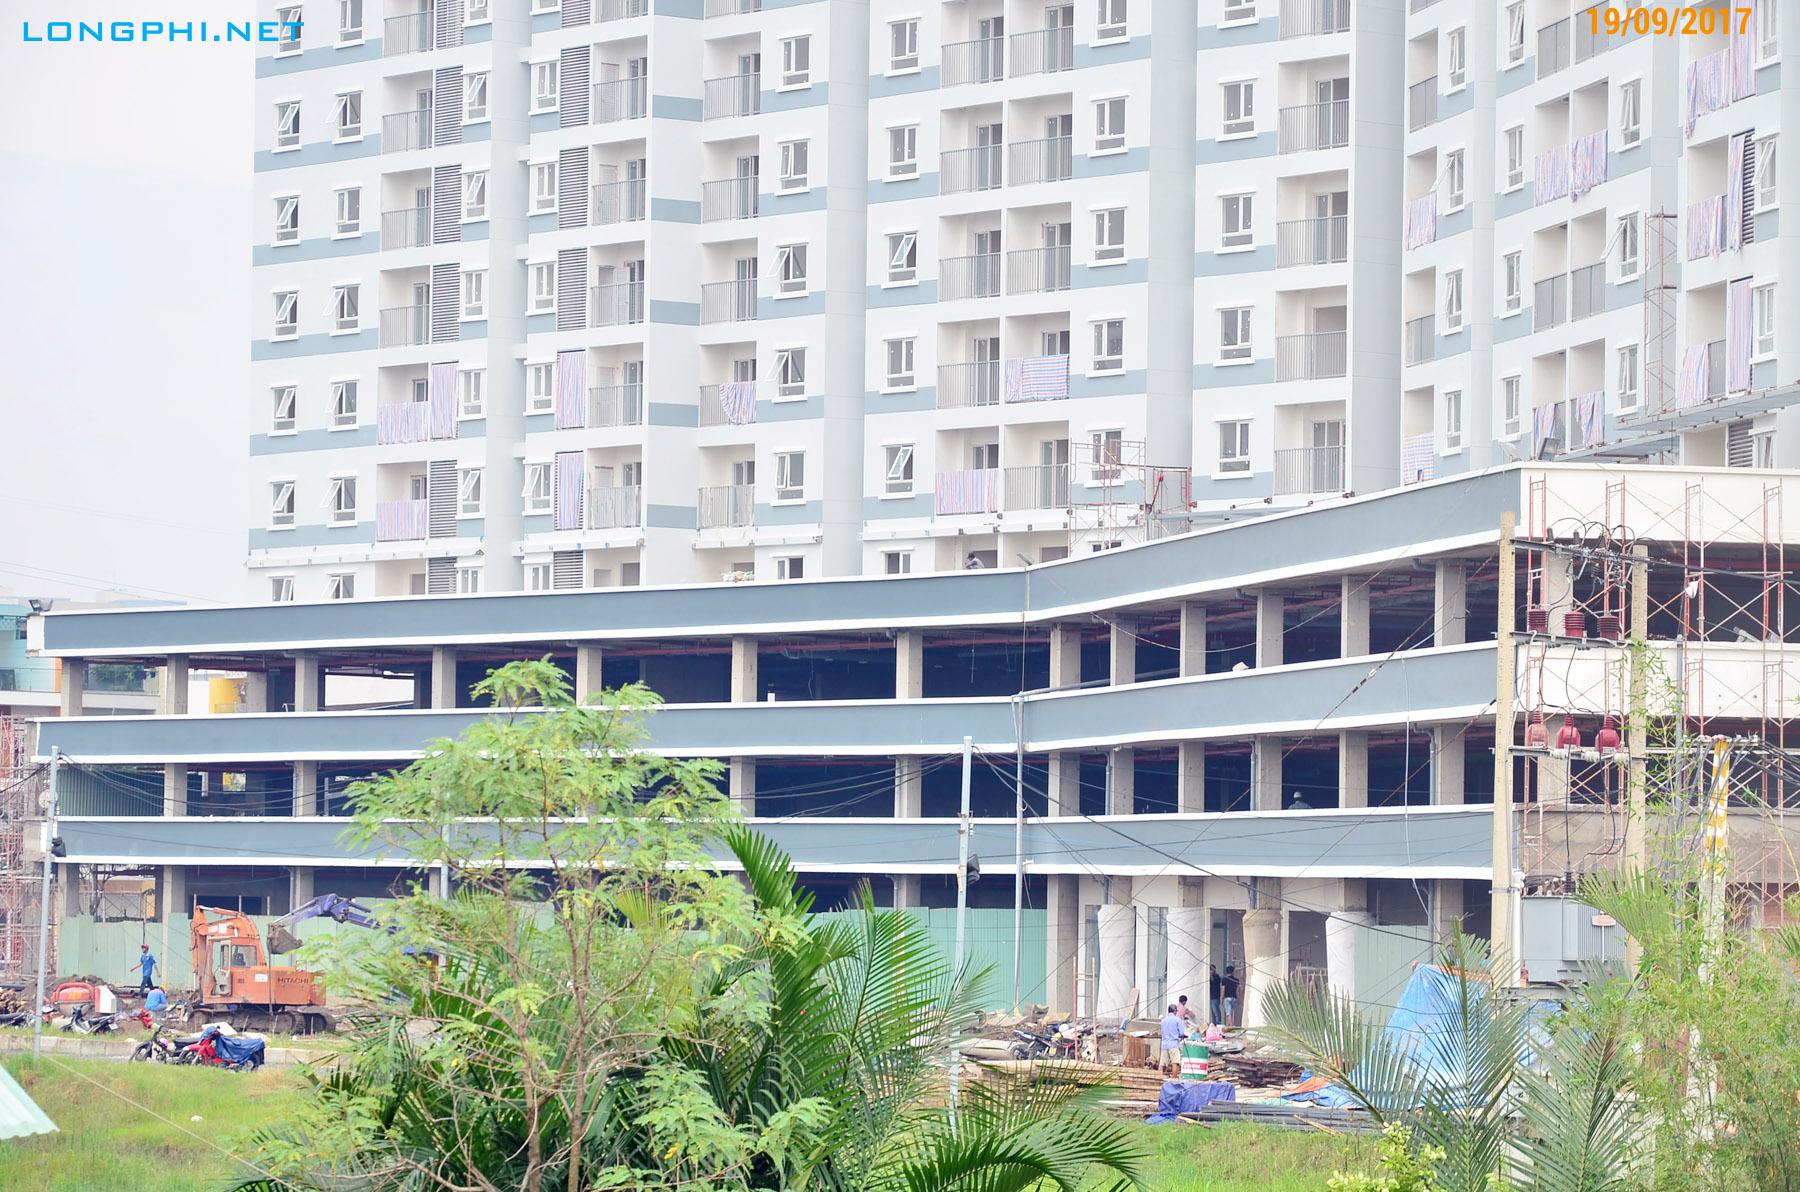 Công tác thi công khối đế thương mại tiện ích và để xe của tháp Nam Jamona Apartment.